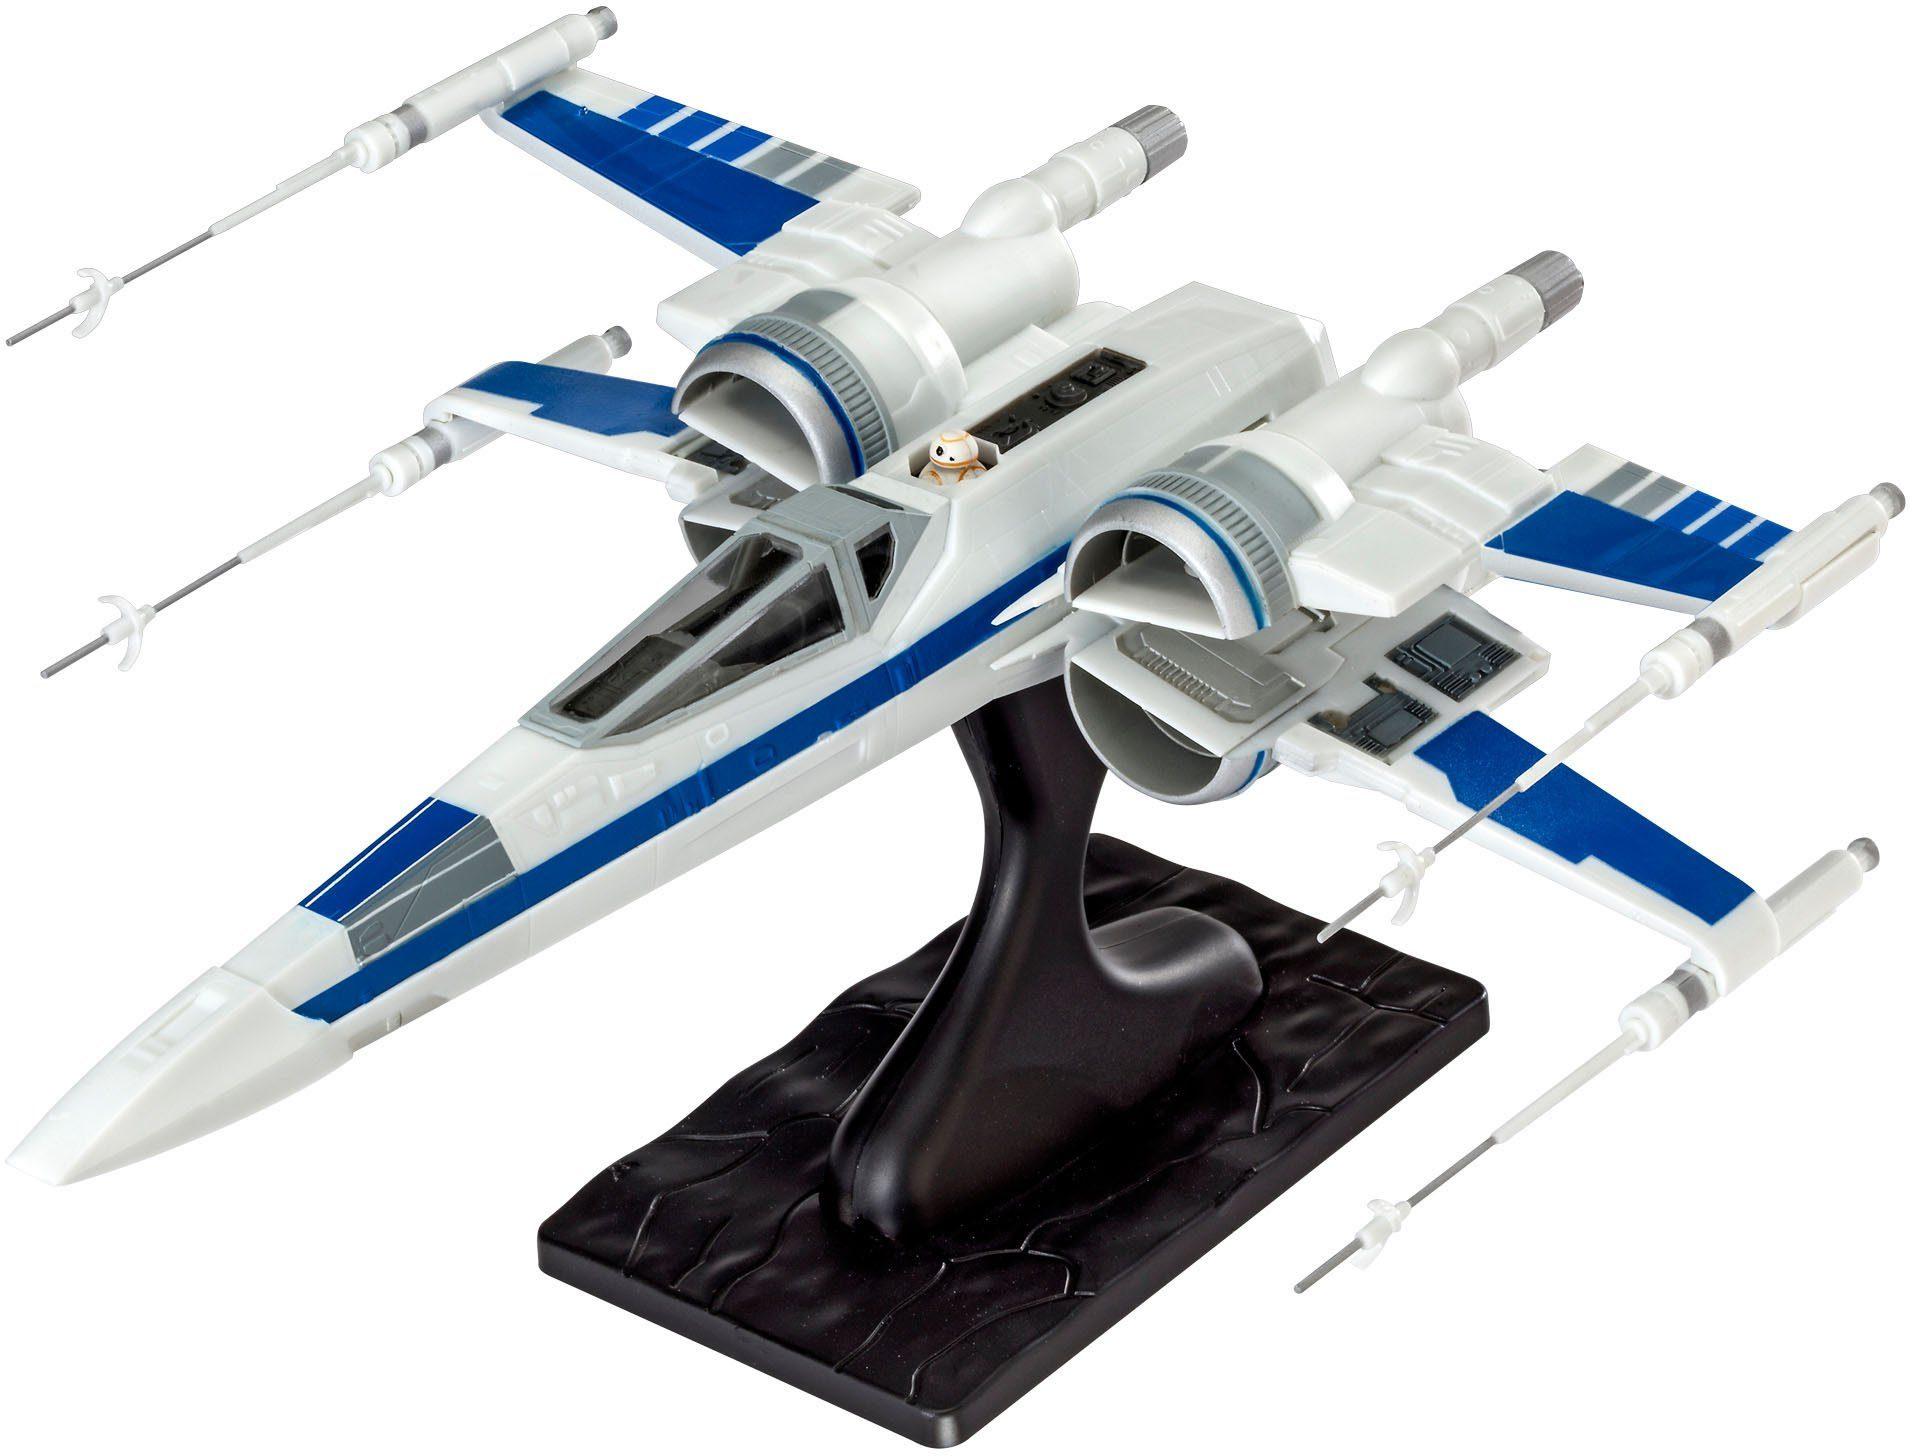 Revell® Modellbausatz Starfighter, Maßstab 1:50, »Disney Star Wars Resistance Xwing Fighter™«